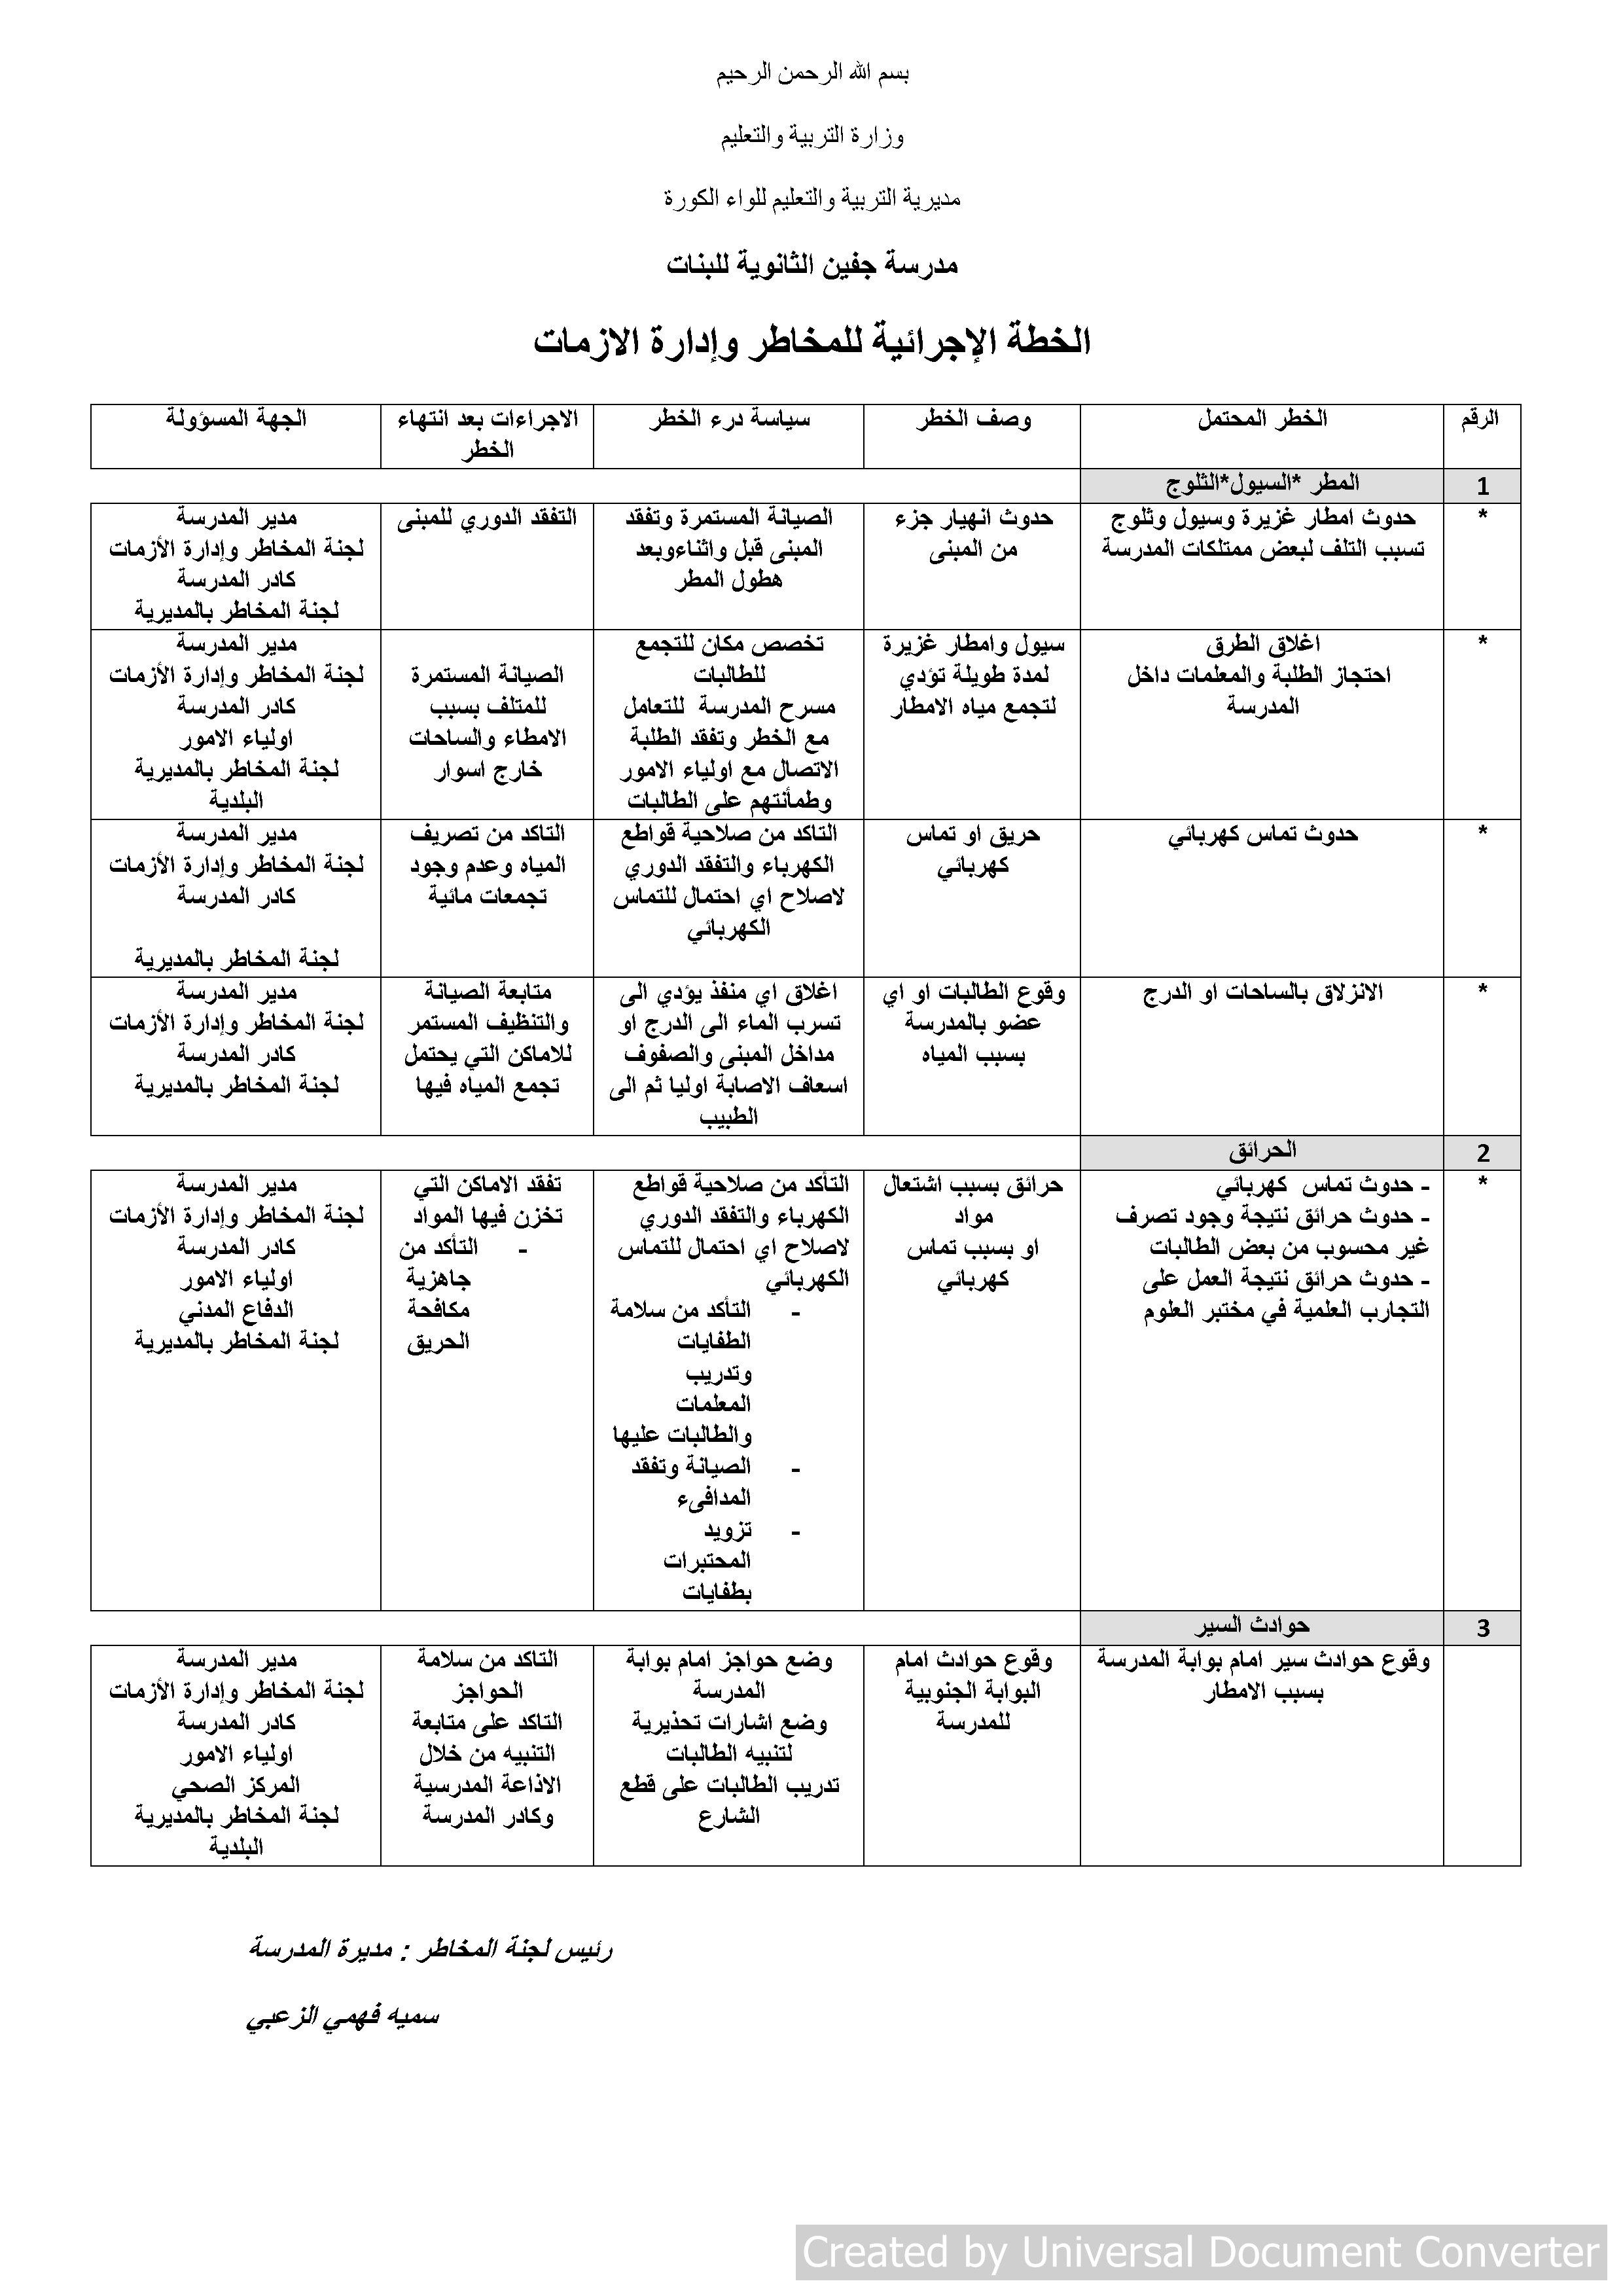 آلية الدوام للمعلمين عطلة رمضان